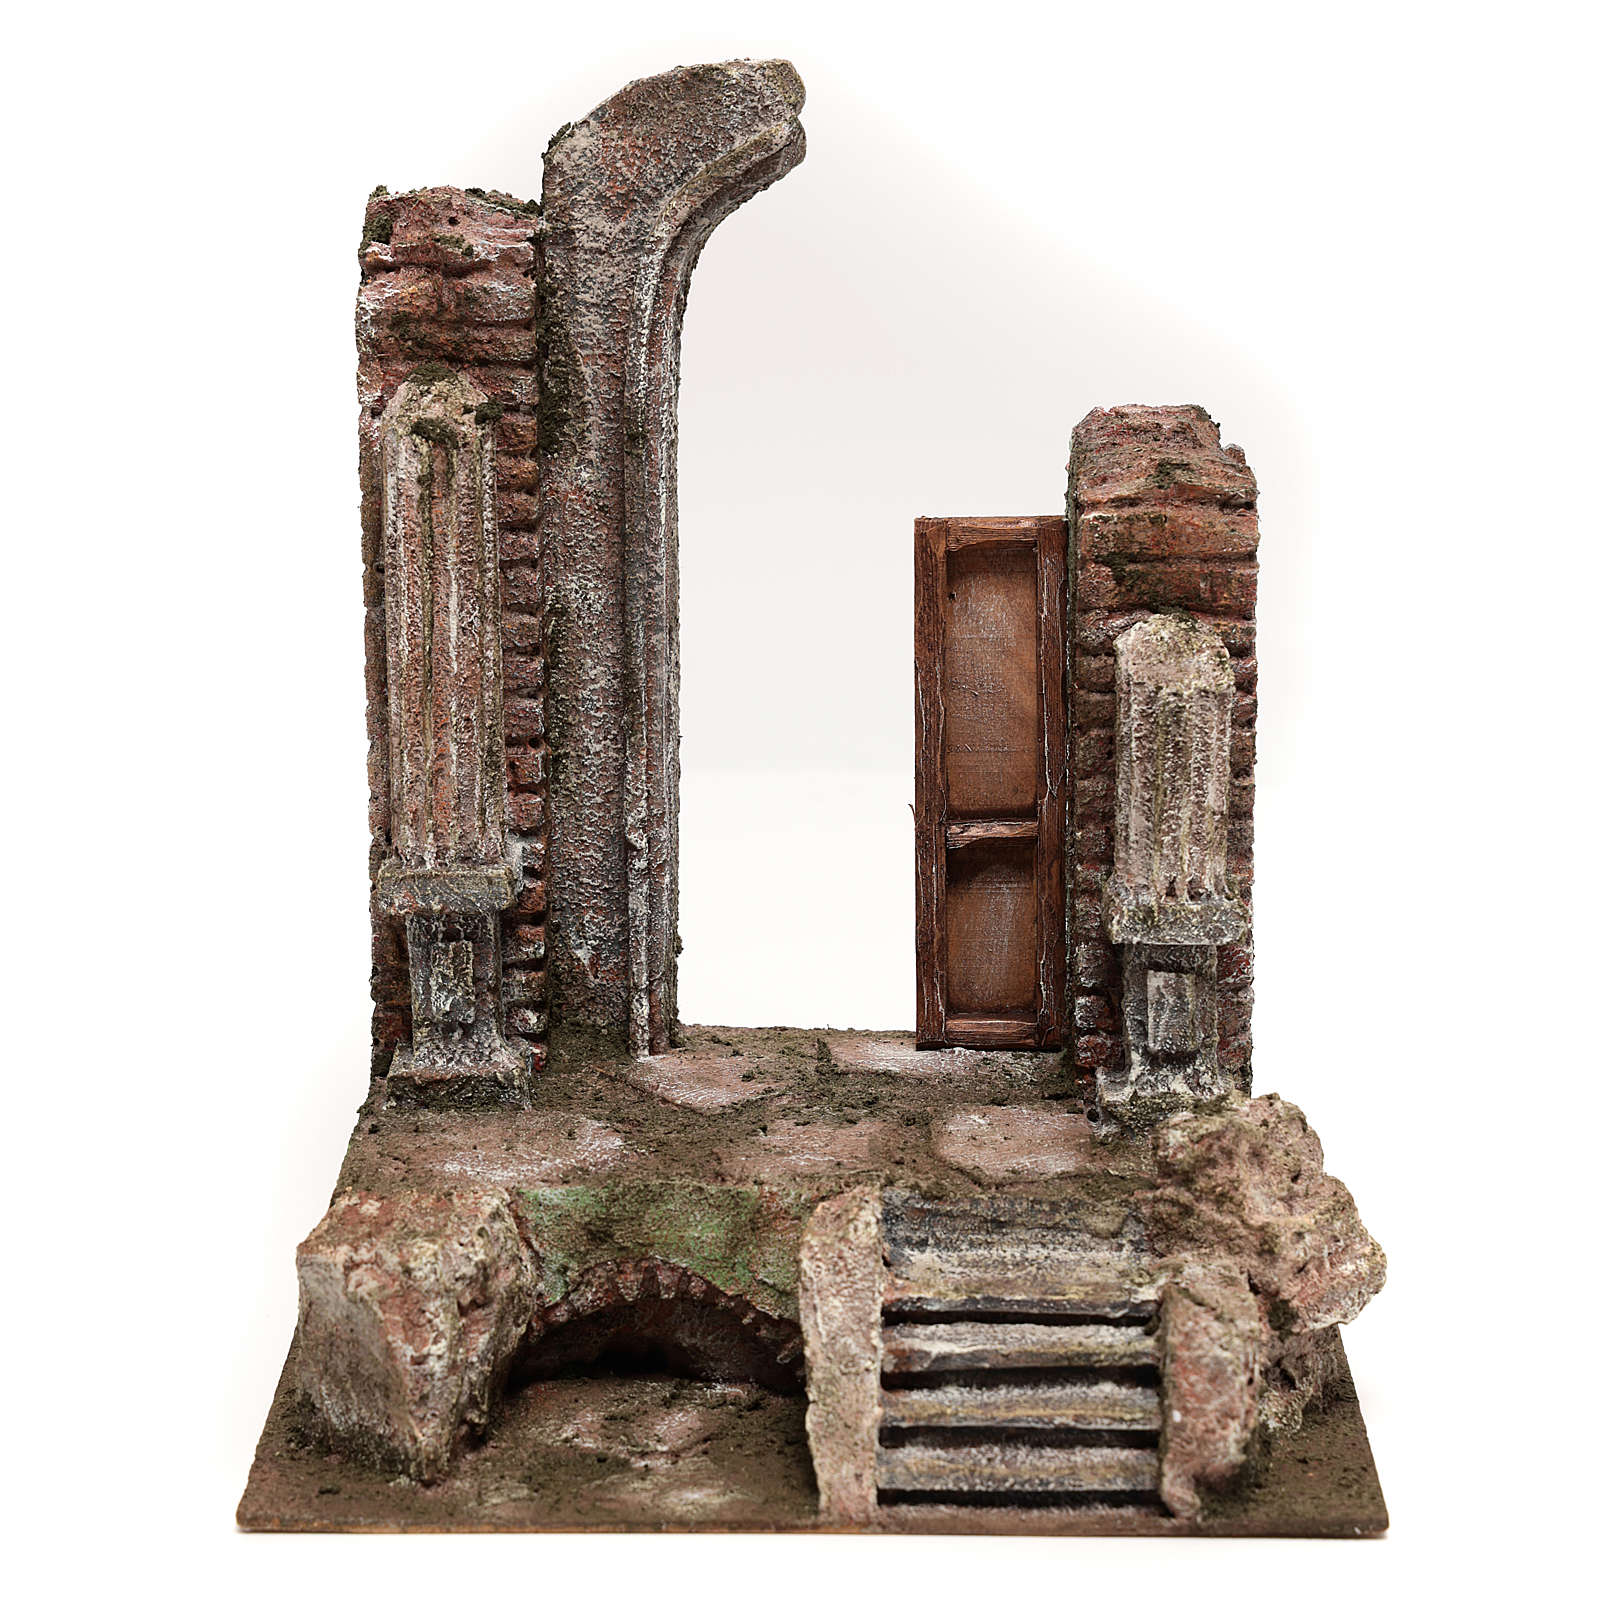 Tempio con porta e mezzo arco 30x25x20 per statue 12 cm 4